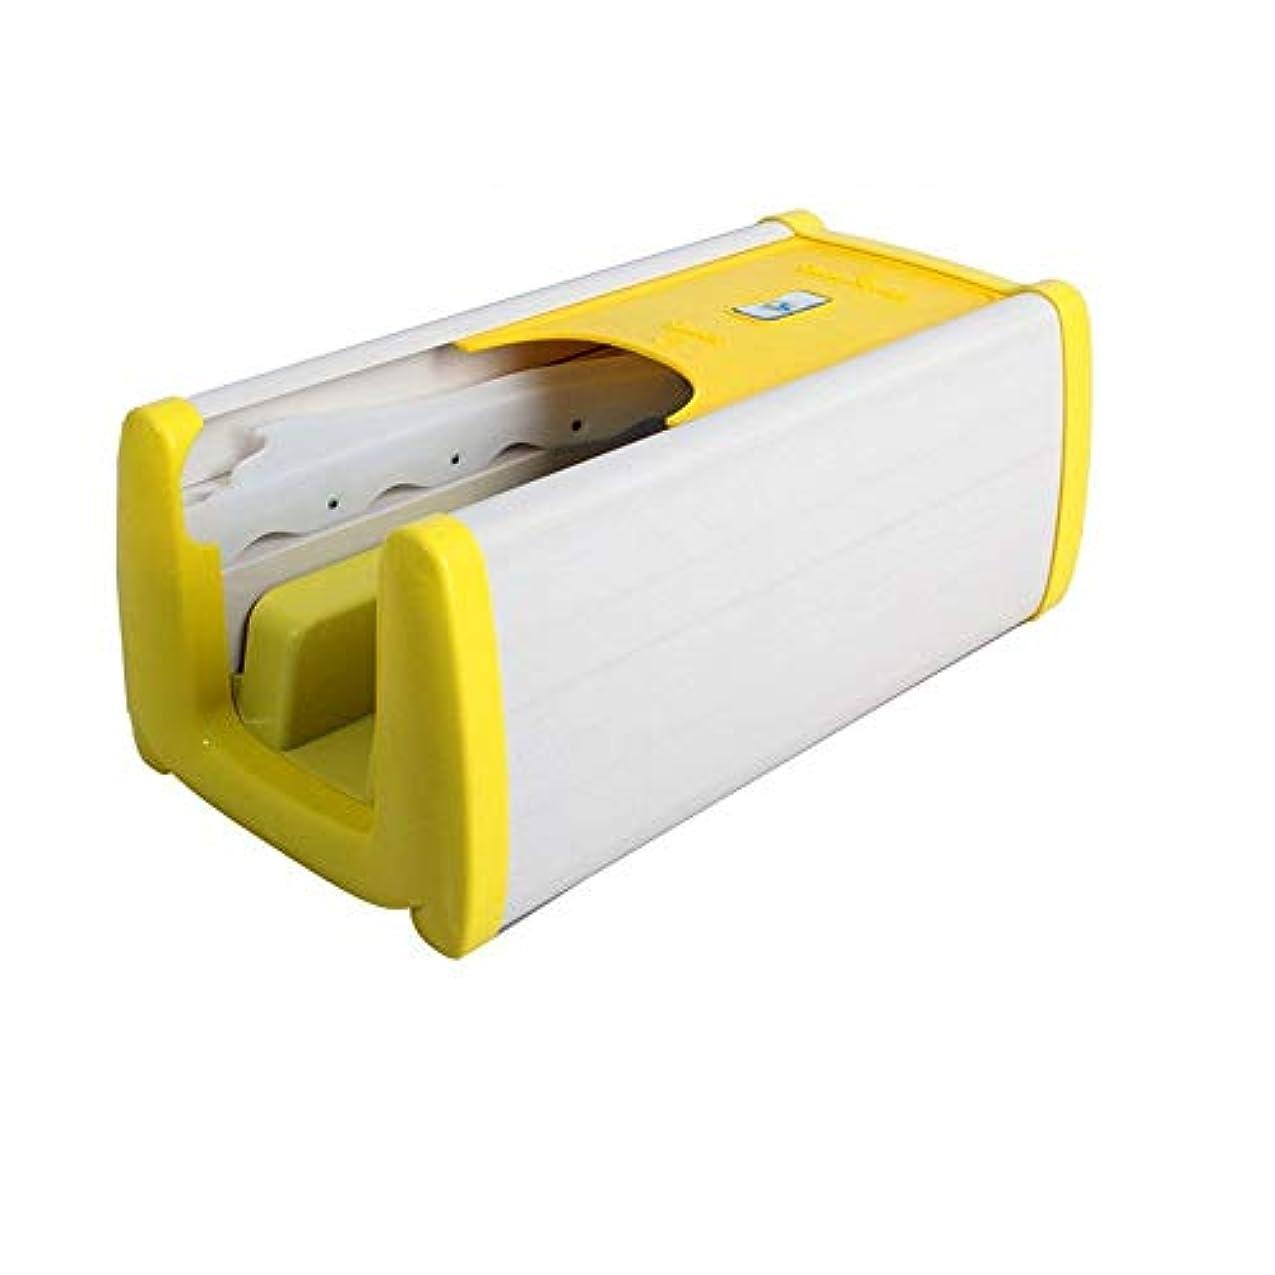 電化する組み込む翻訳者家庭用靴カバーマシン連続自動靴カバーマシンドラッグ型オーバーシューズマシンホームオフィス自己使用の小さな環境保護 (Color : Yellow)